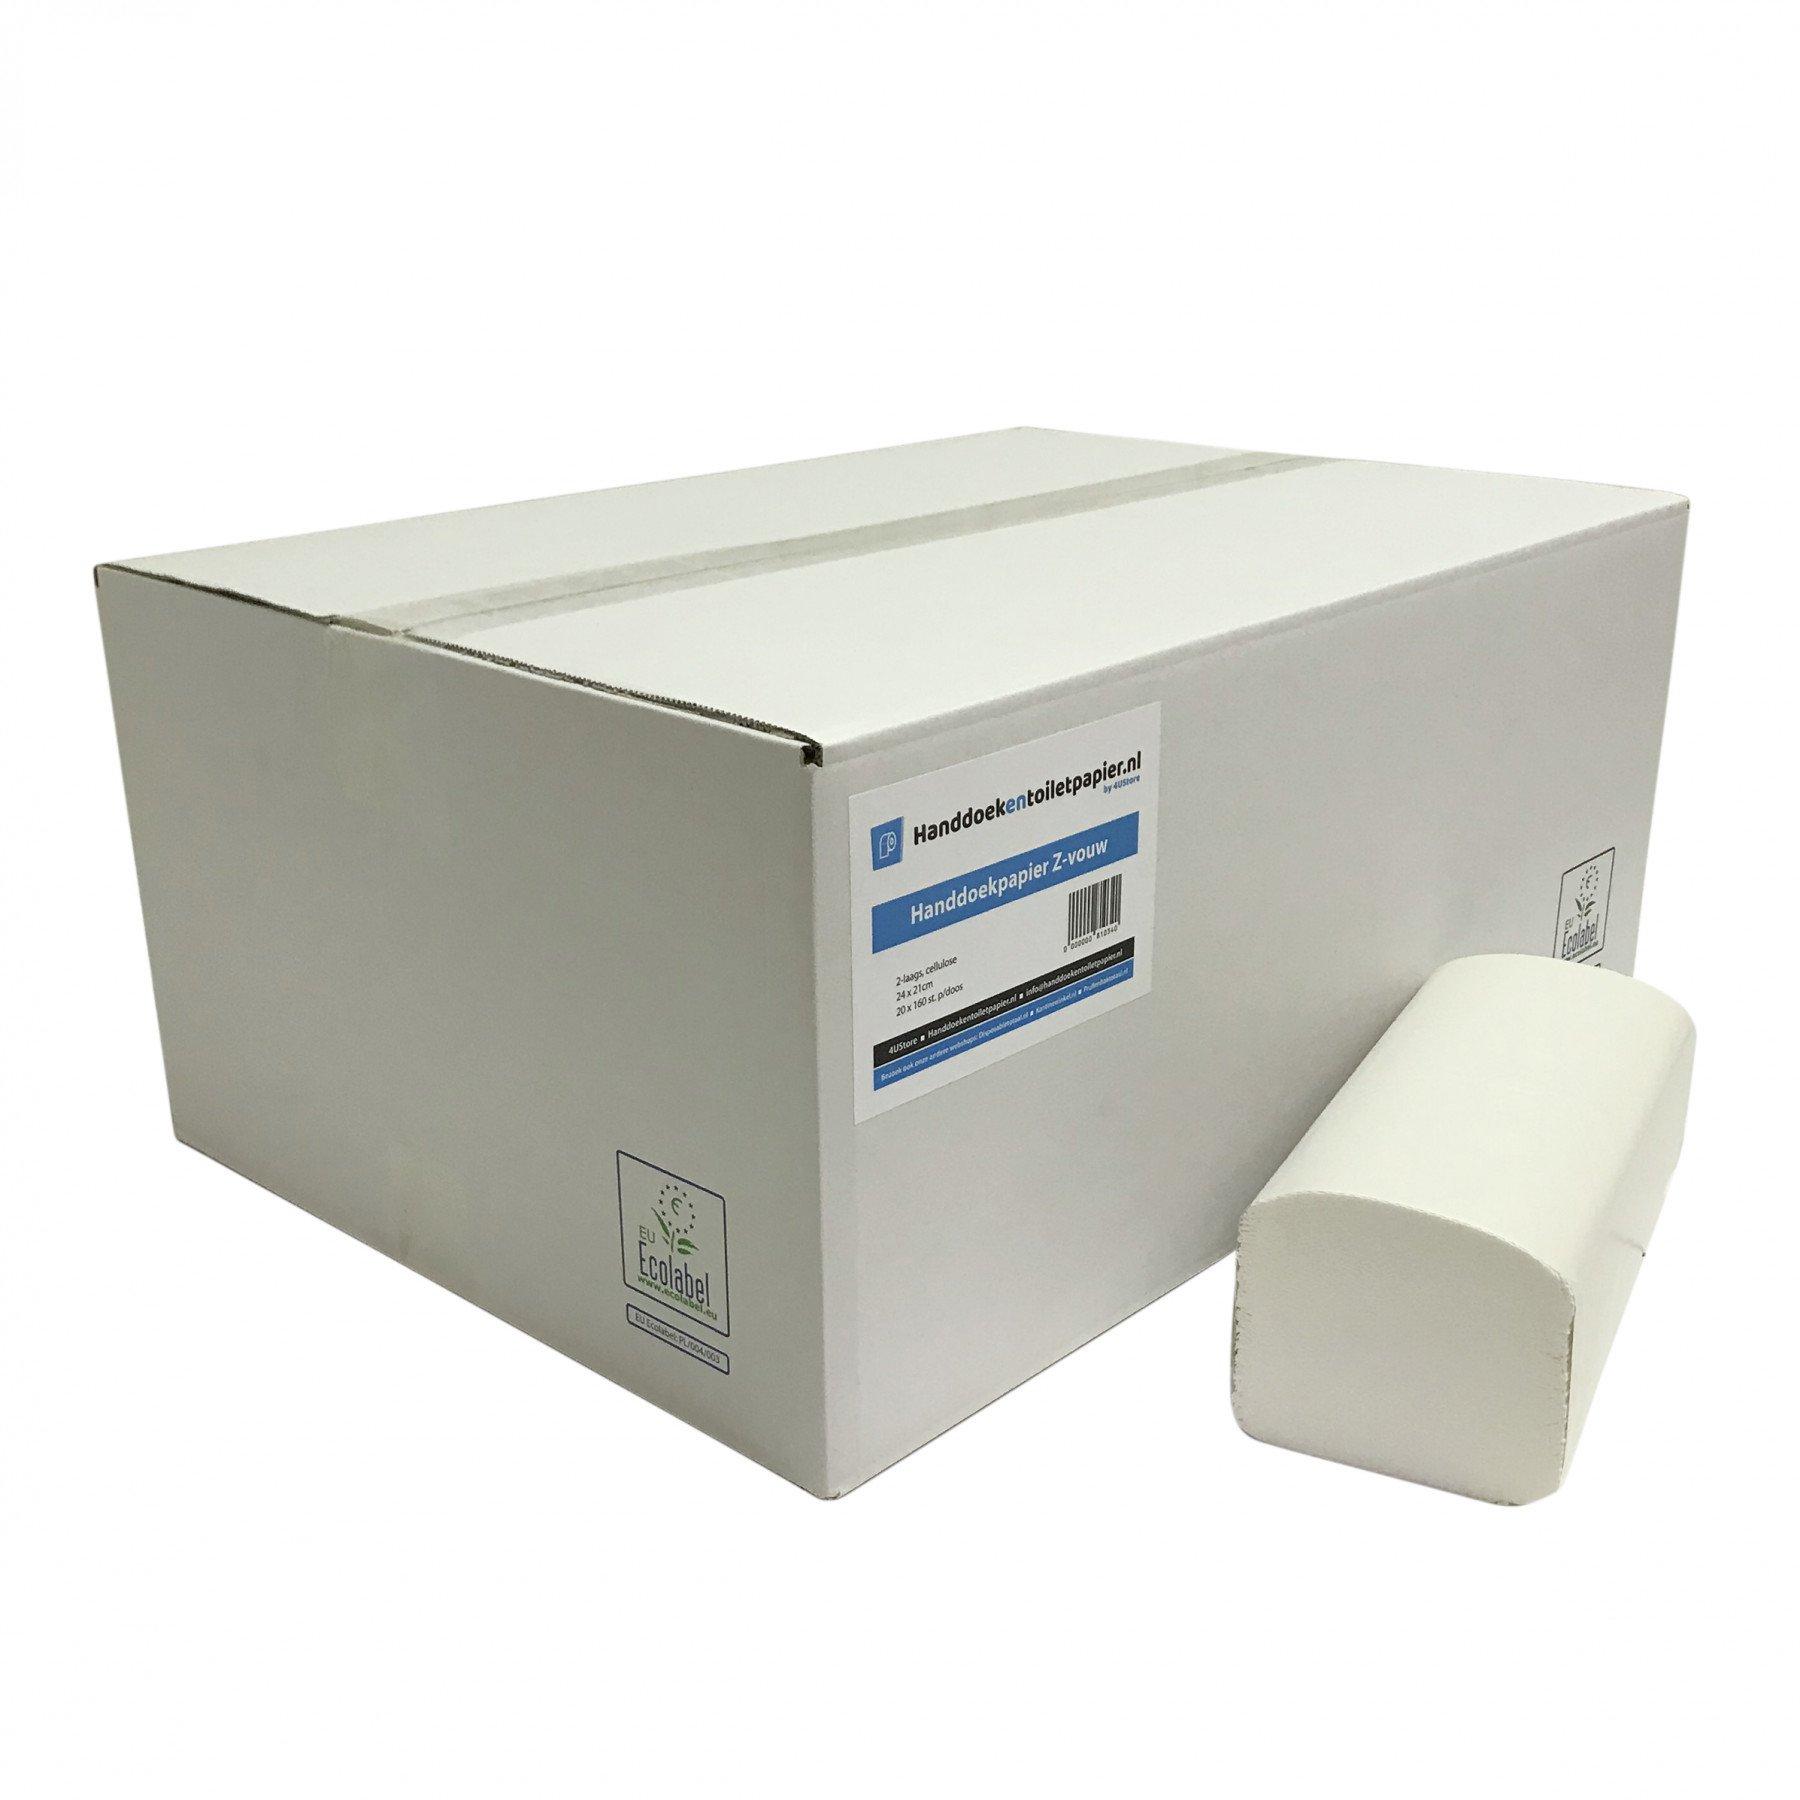 4UStore Z-vouwhanddoekjes cellulose 2-laags 21 x 25 cm 3200 stuks